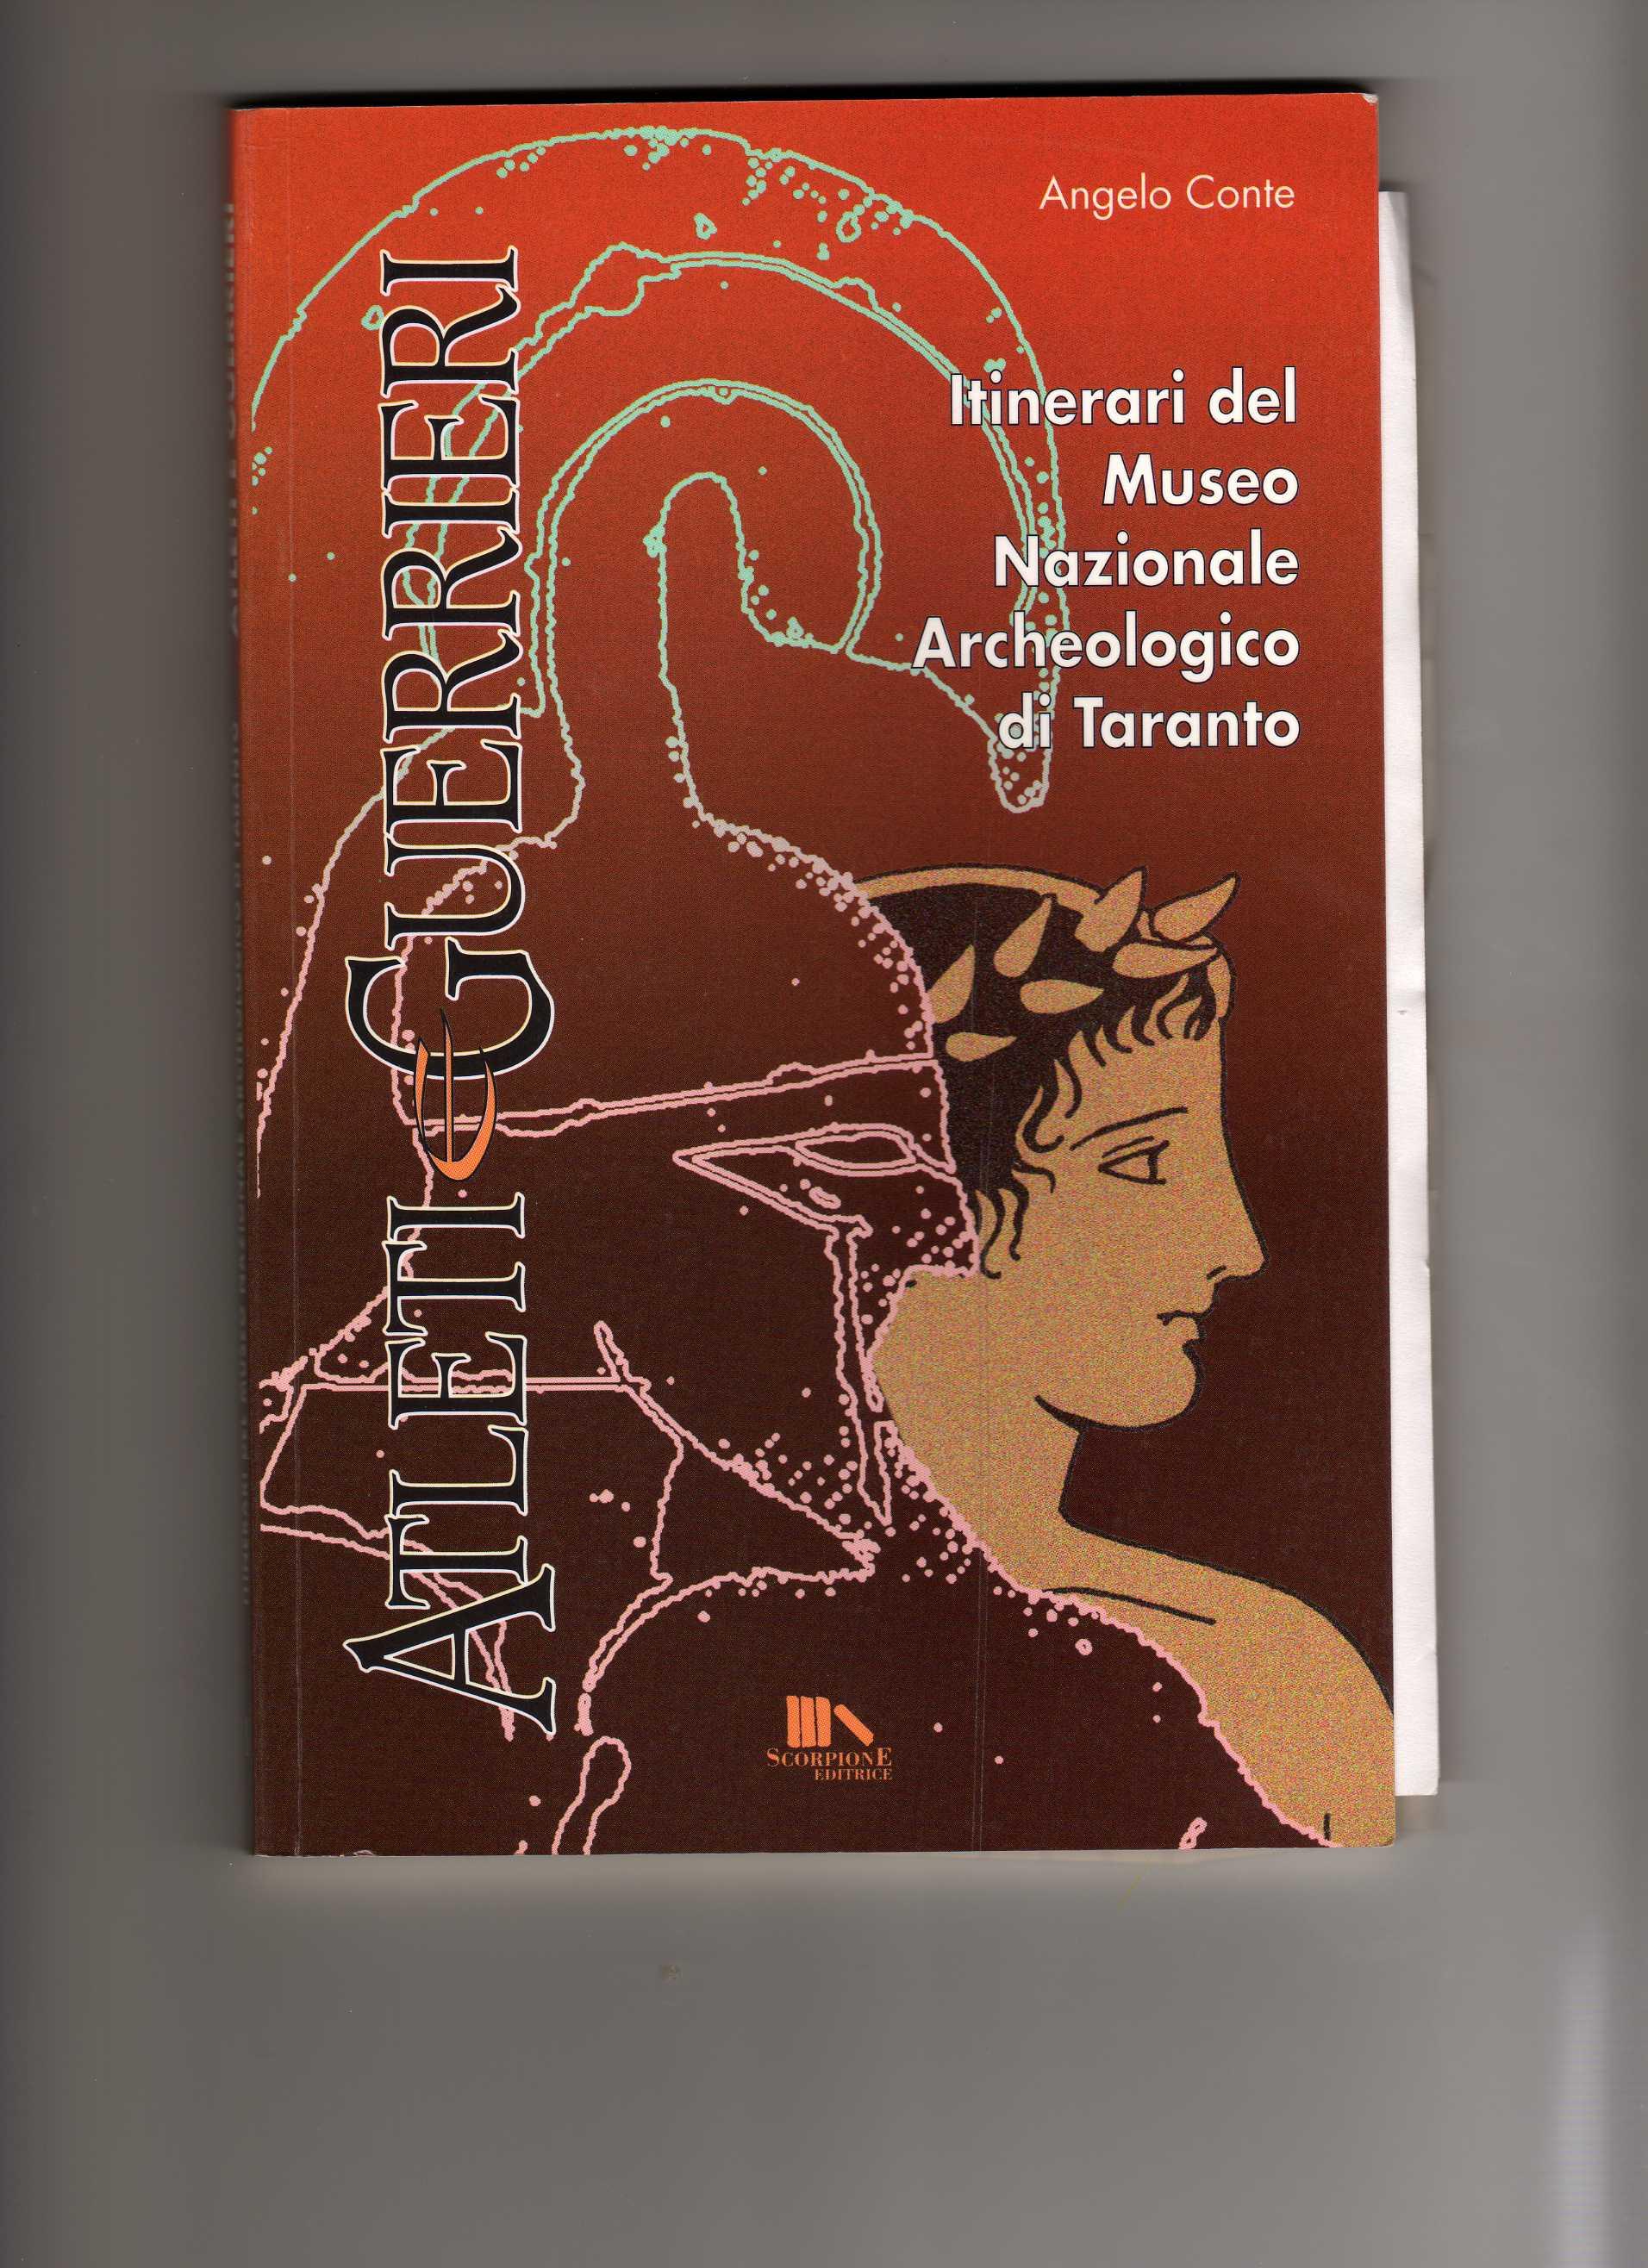 Itinerari del Museo Nazionale Archeologico di Taranto